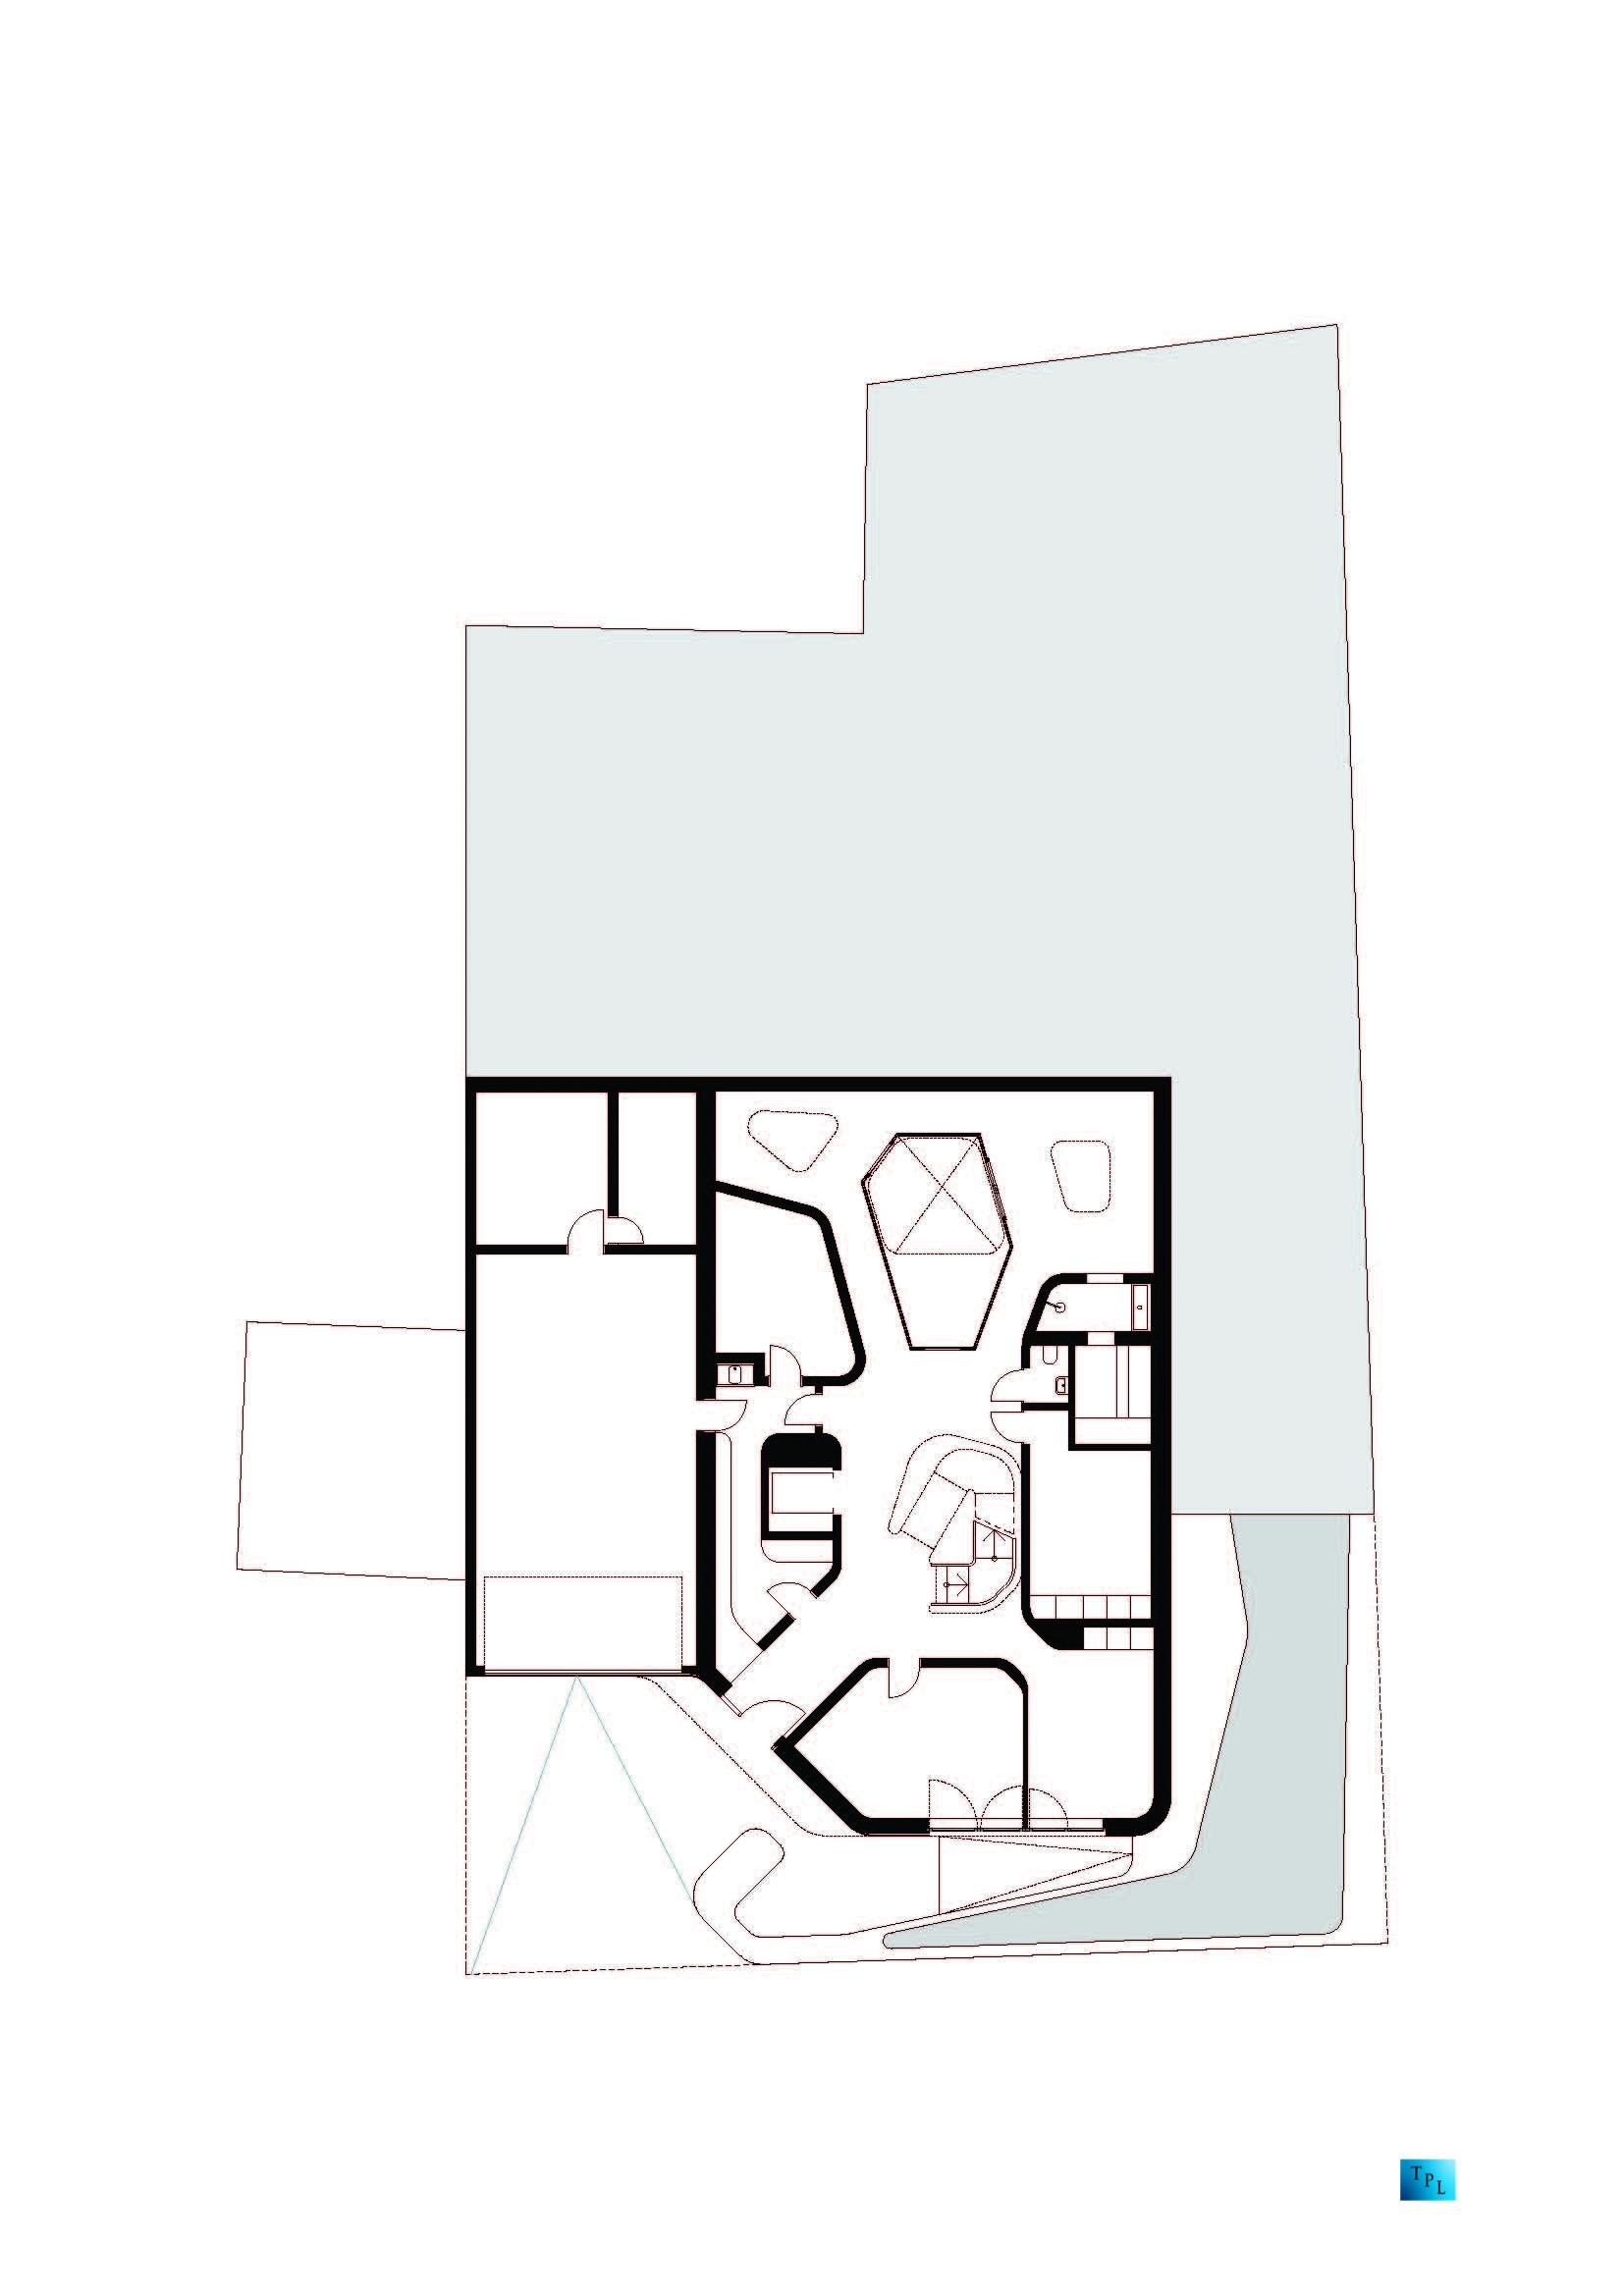 Floor Plans - OLS House - Stuttgart, Baden-Württemberg, Germany